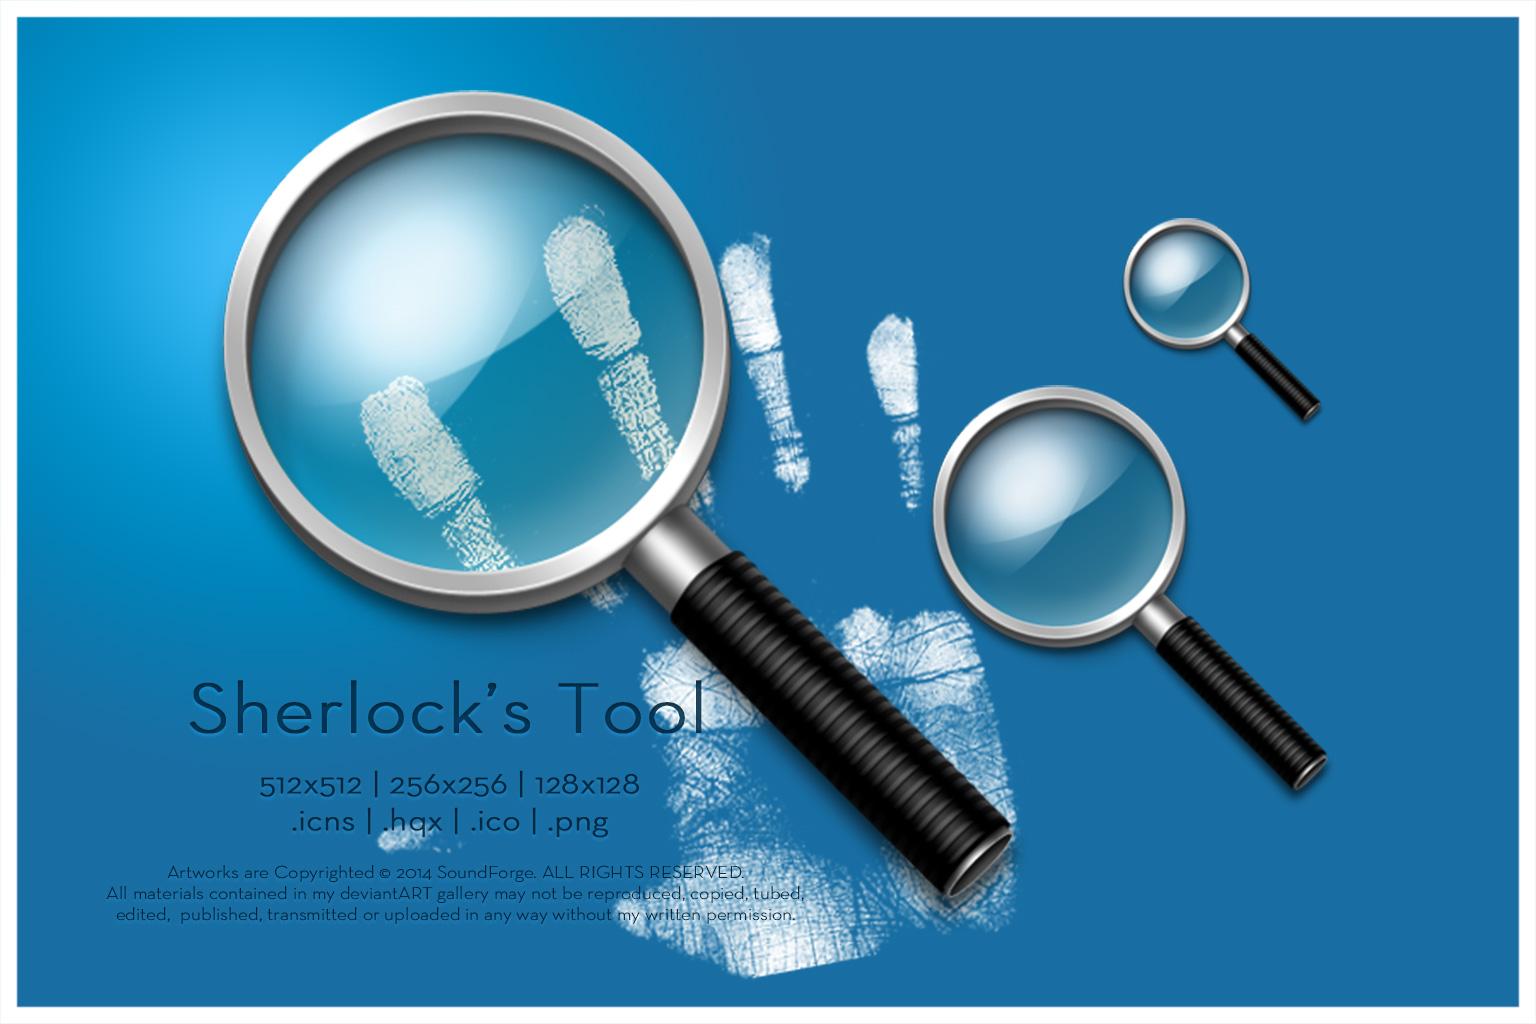 Sherlock's Tool